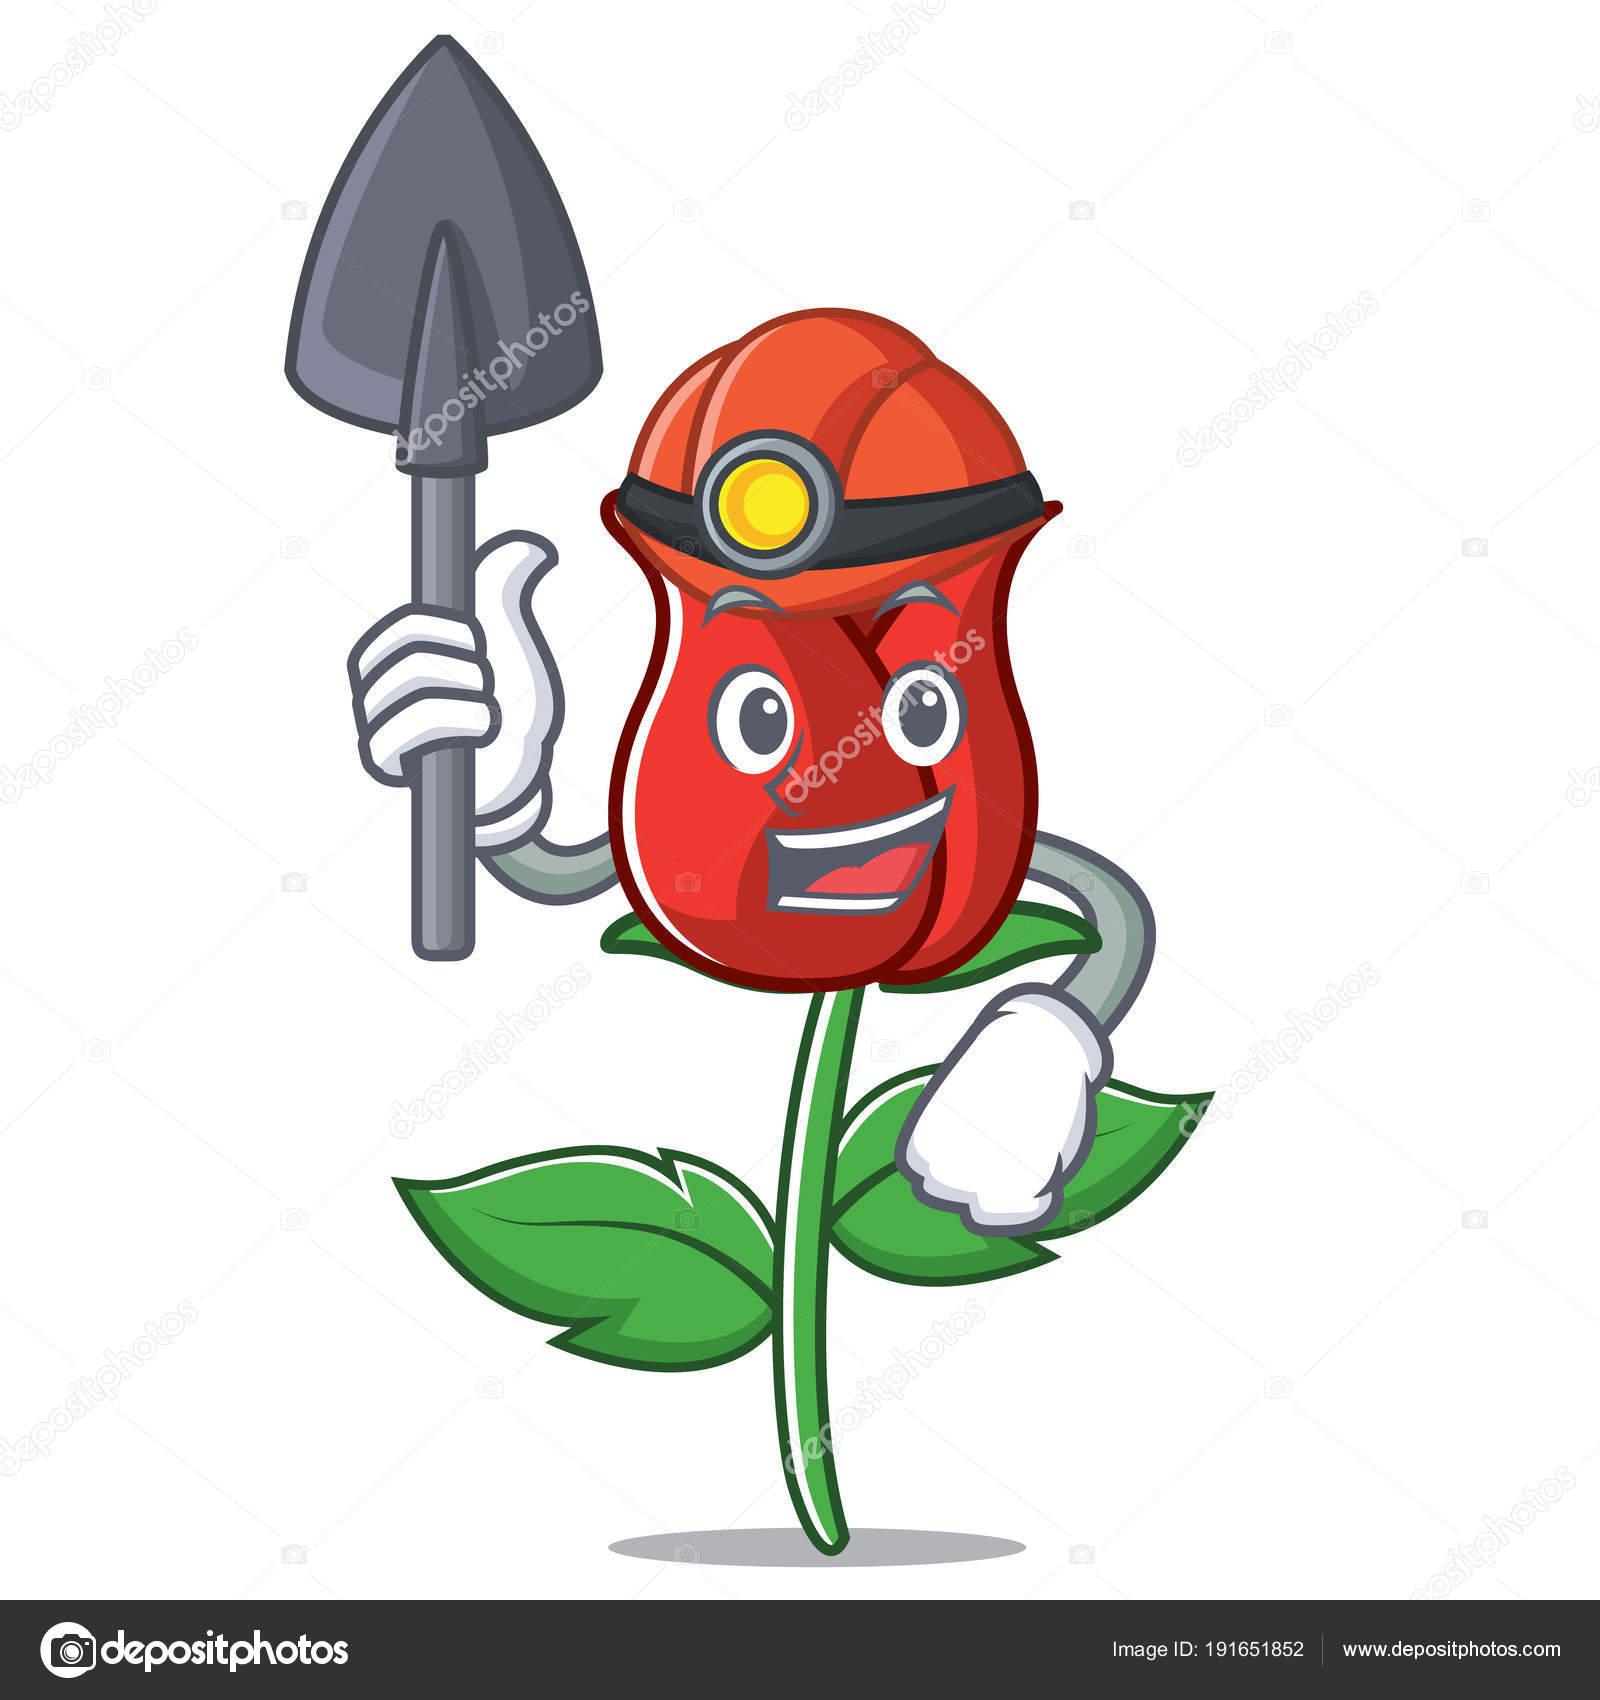 Dessin Anime De La Miner Mascotte Rose Rouge Image Vectorielle